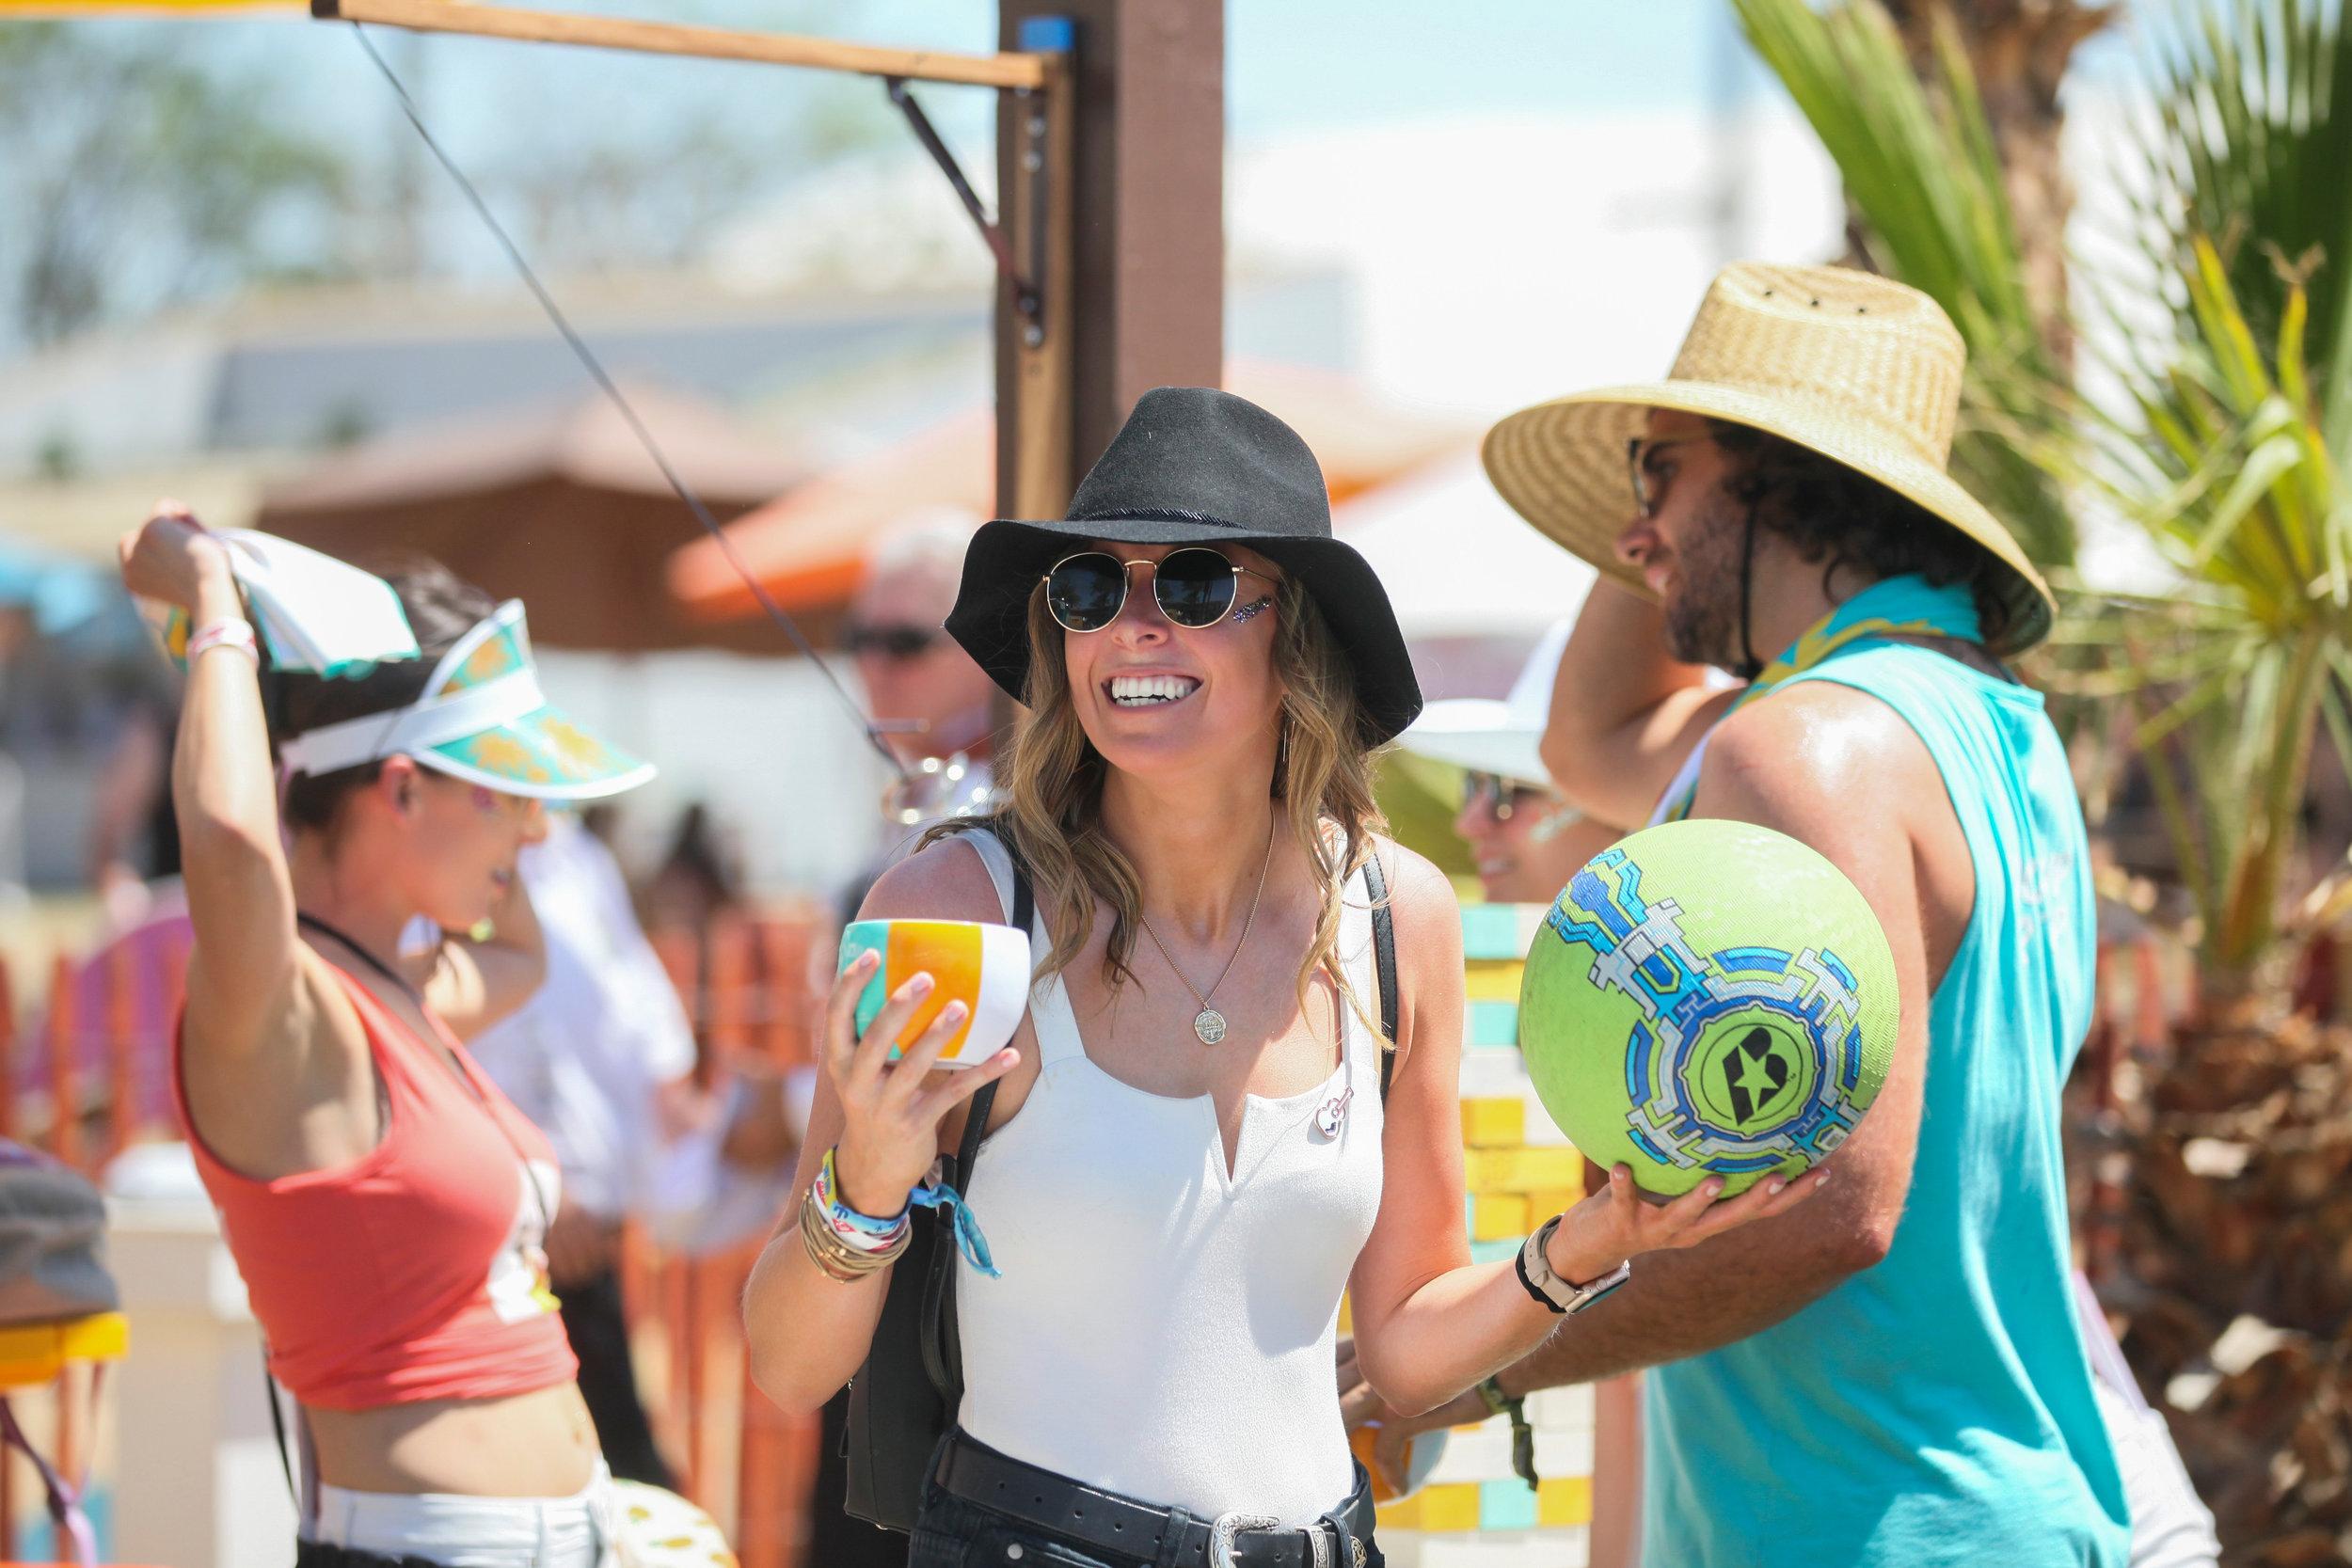 OHelloMedia-Malibu@StagecoachFestival04.26-TopSelect-8014.jpg